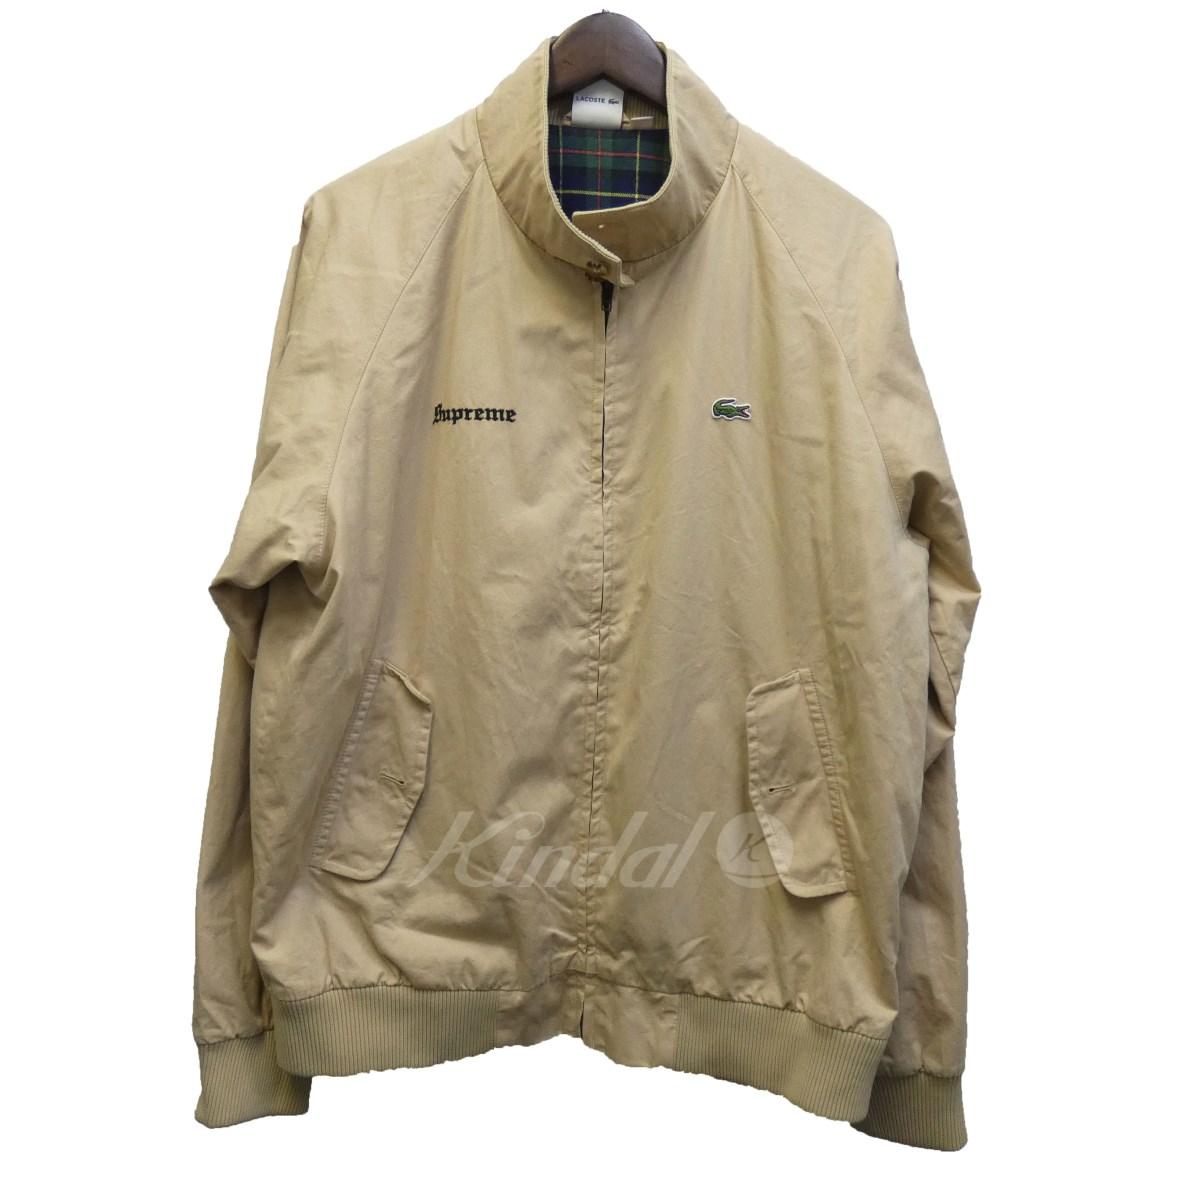 【中古】SUPREME×LACOSTE 17SS「Harrington Jacket」スウィングトップブルゾン ベージュ サイズ:FR 52 【送料無料】 【051018】(シュプリーム ラコステ)